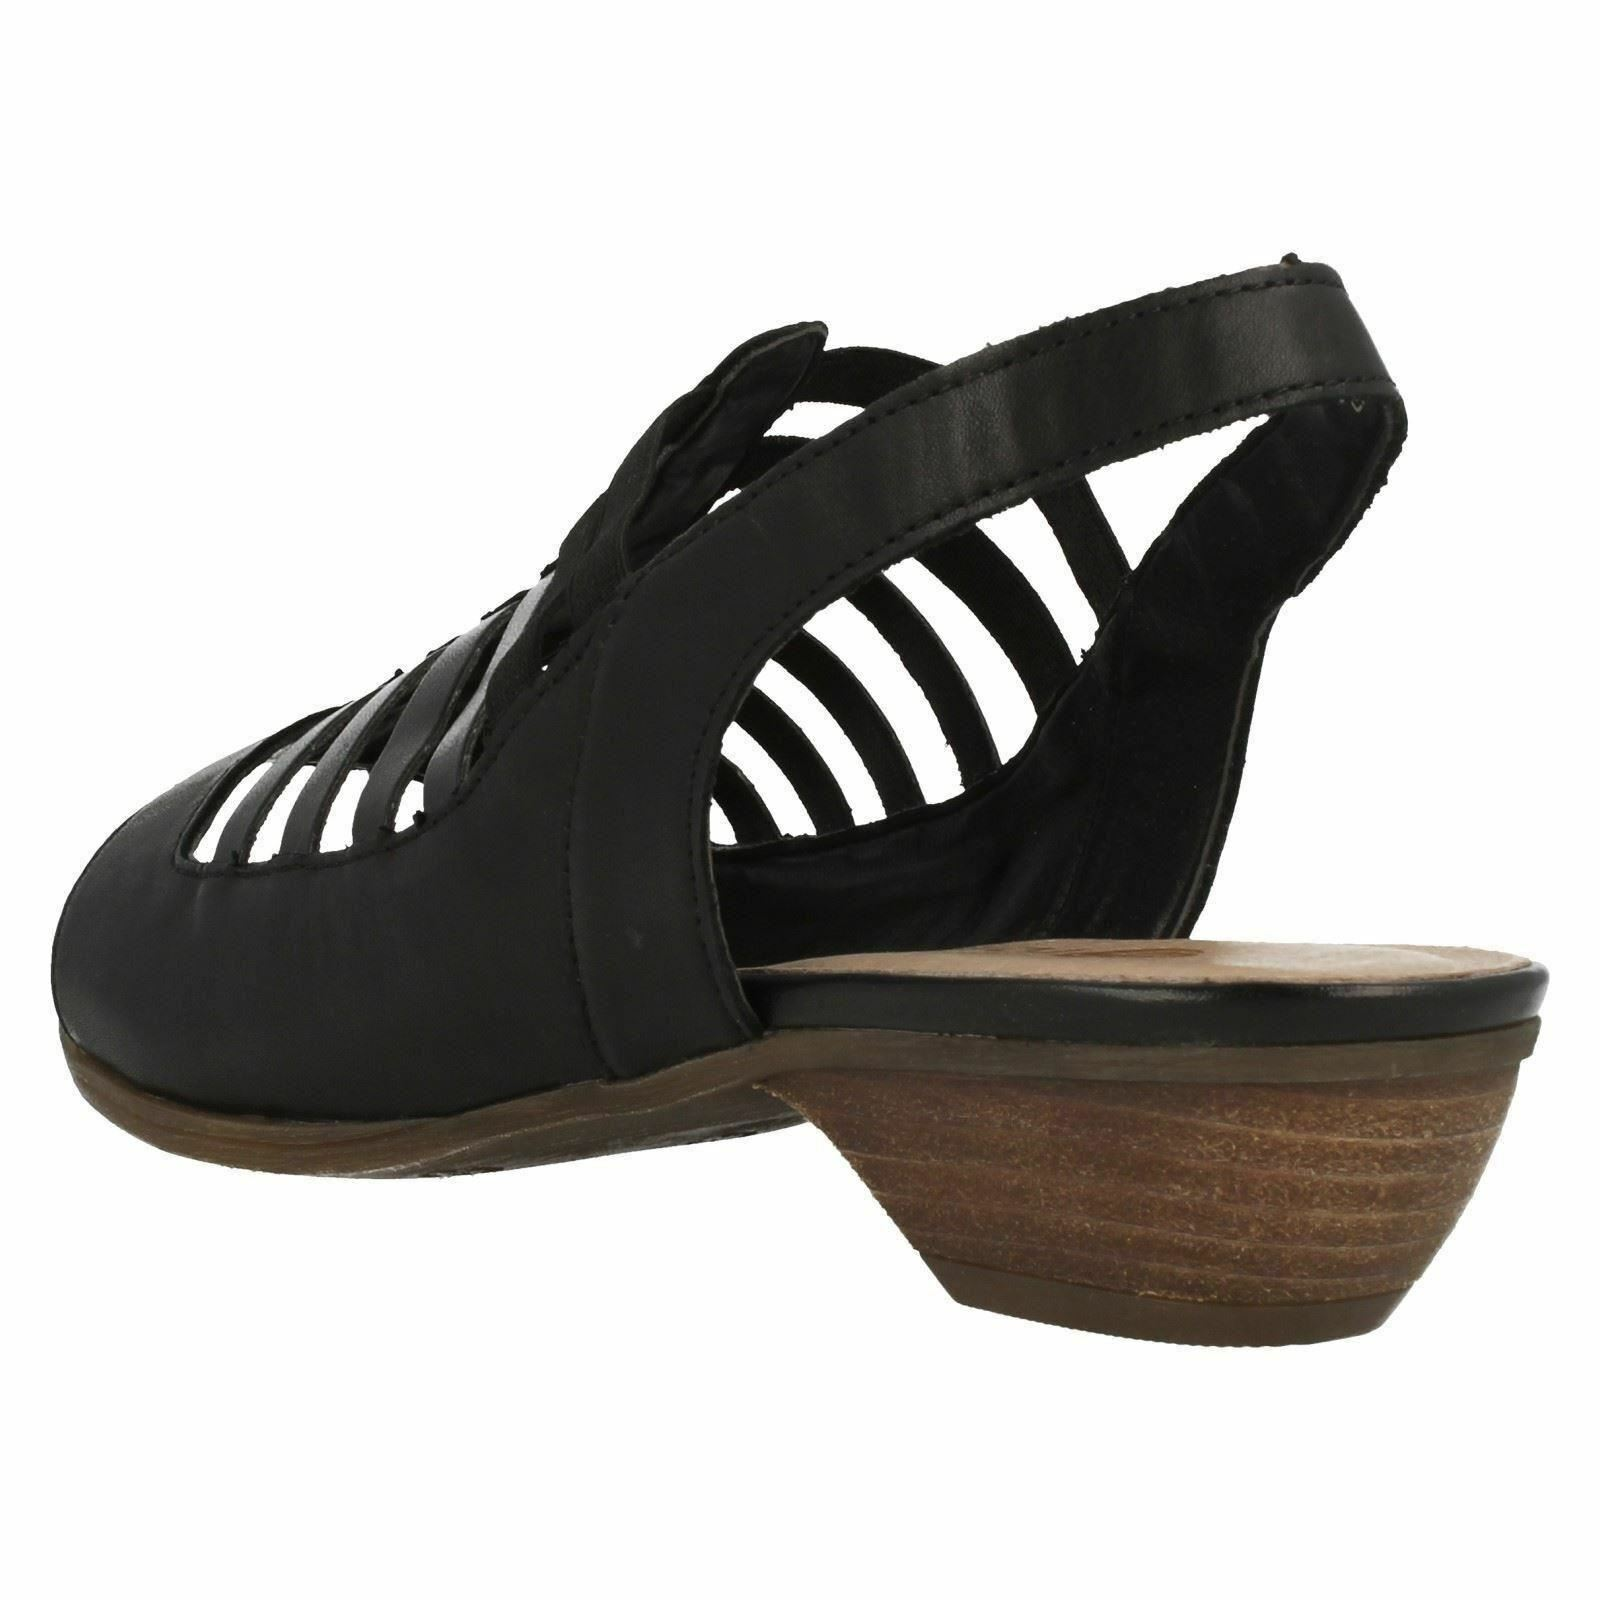 Damen mit schwarz LEDER REMONTE mit Damen Absatz zehenfrei Sommer Sandalen r0853 a5fd88